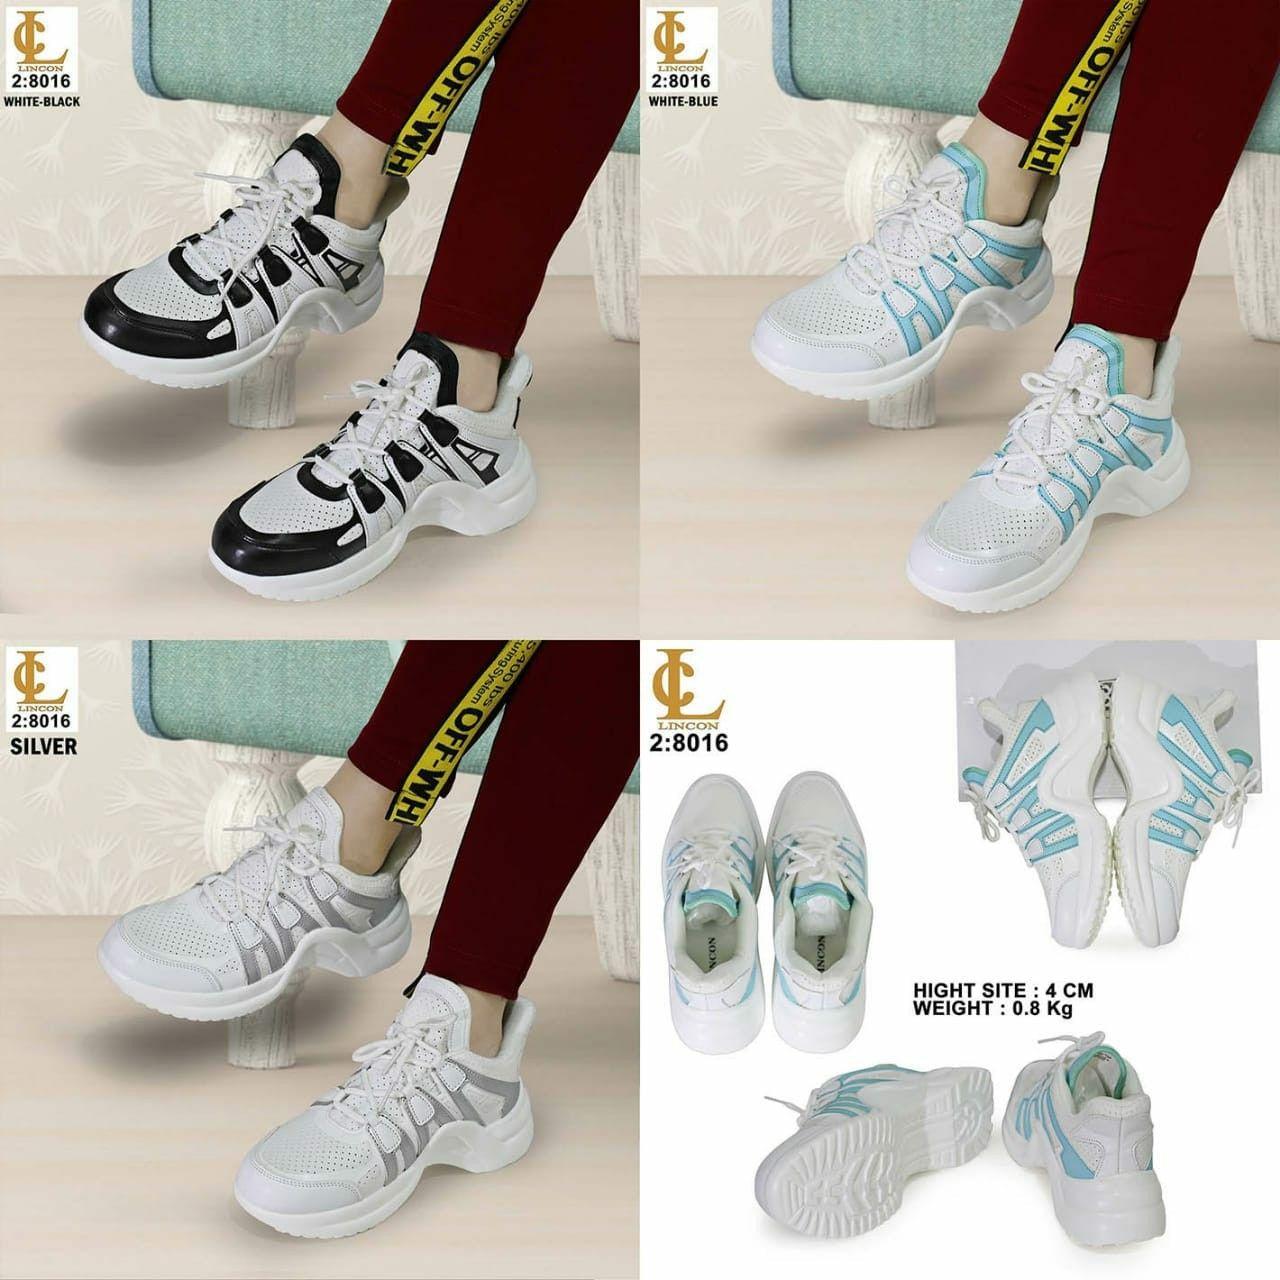 Sepatu Merek Lincon Seri Ax8016 Kualitas Original Brand Bahan